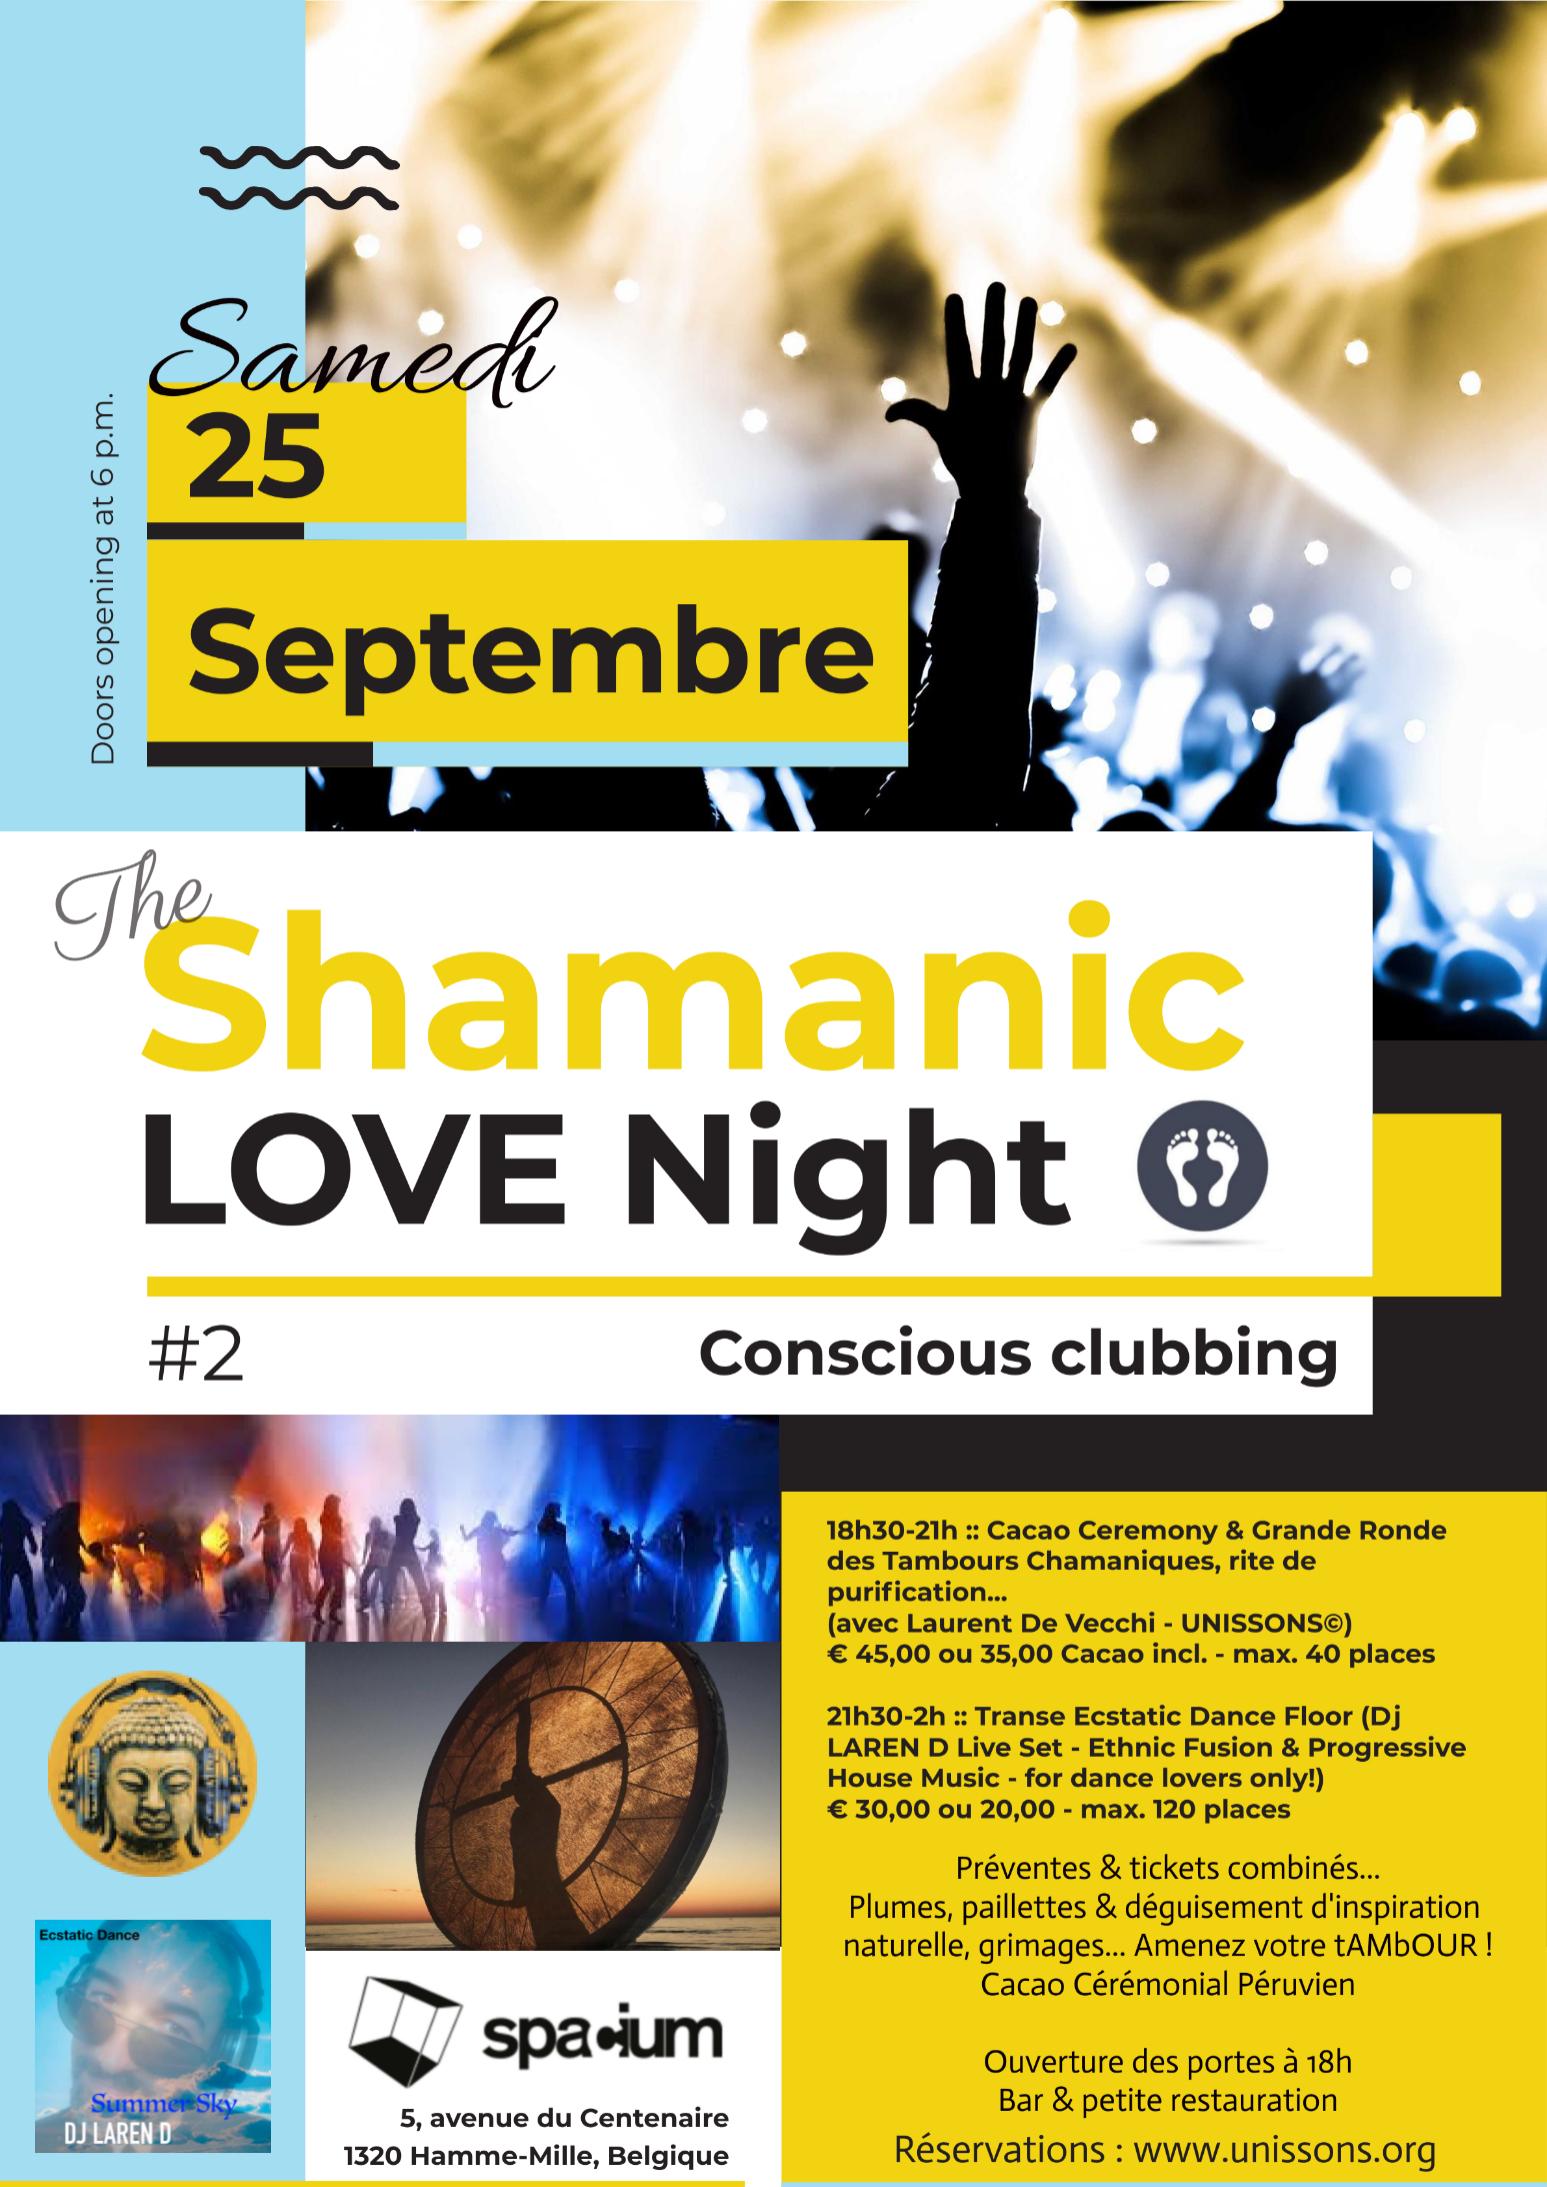 The Shamanic Love Night #2